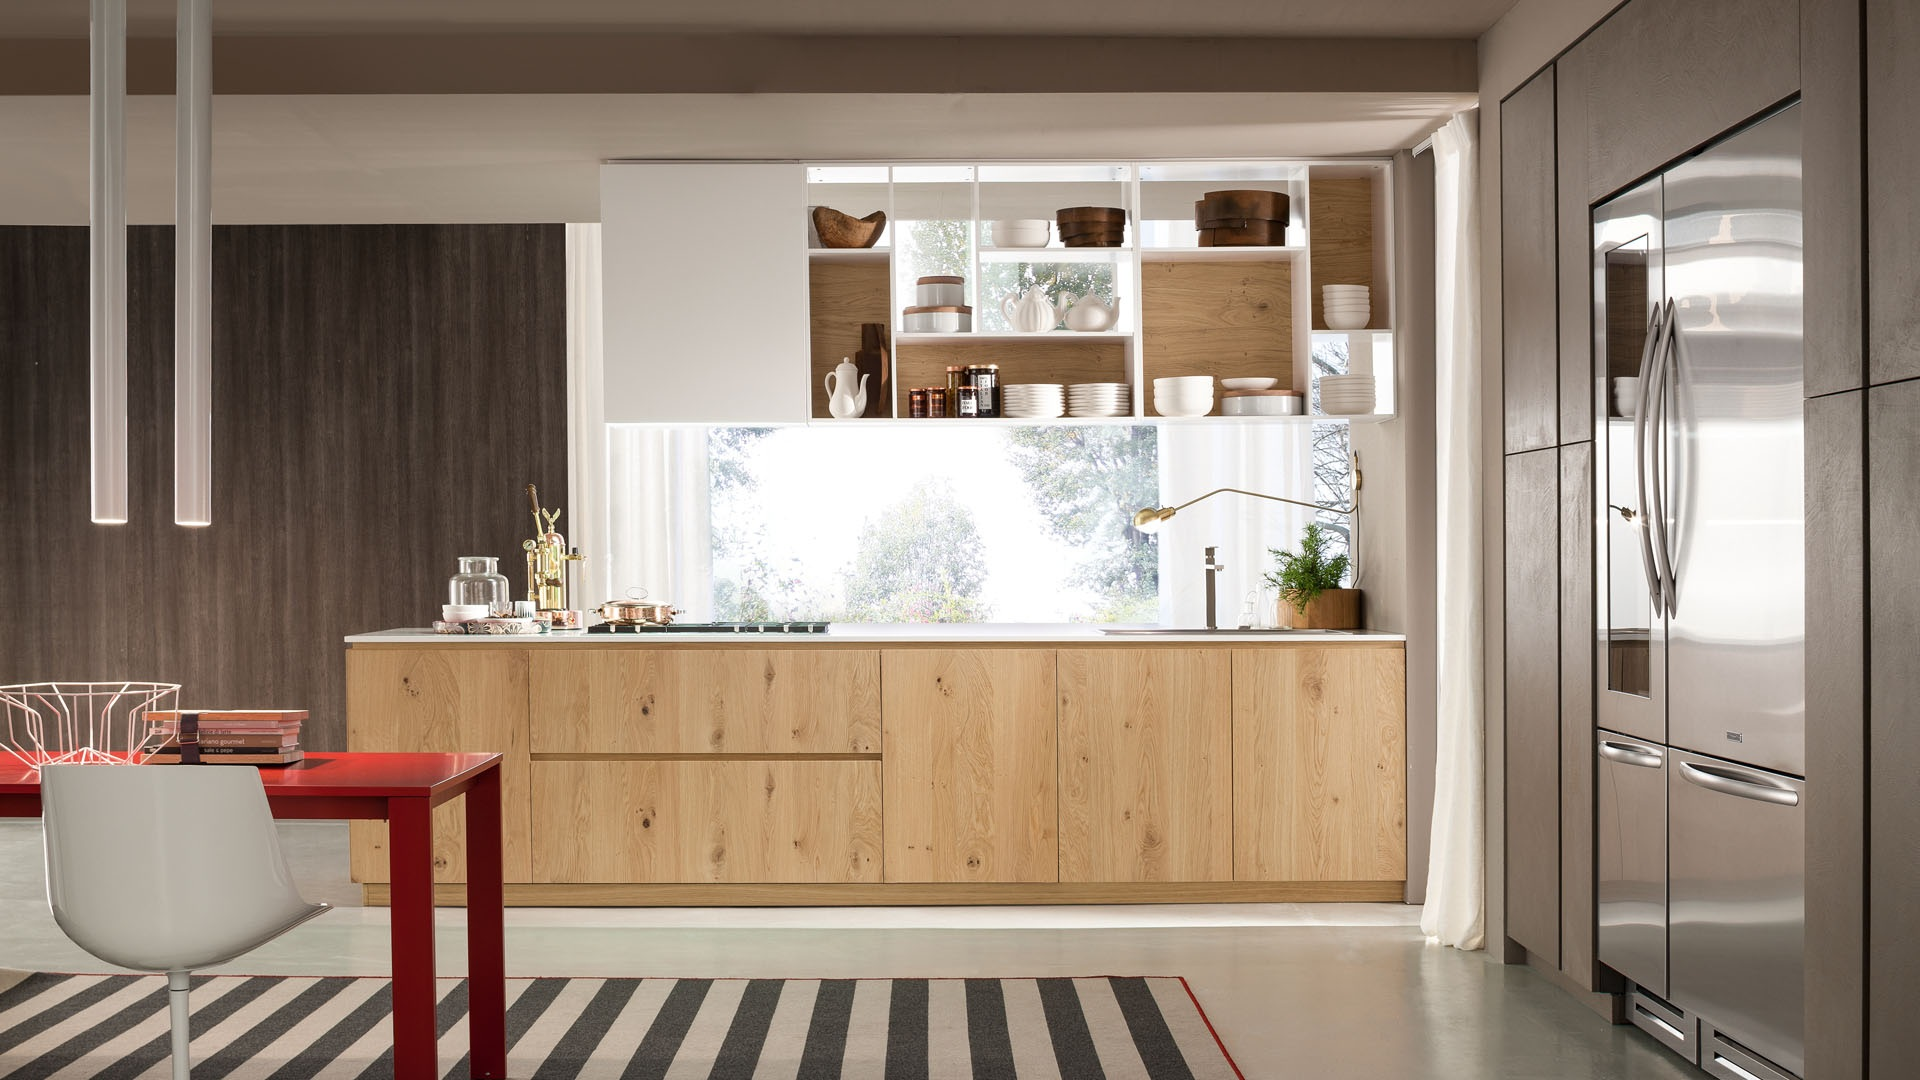 KITCHEN - design + remodeling